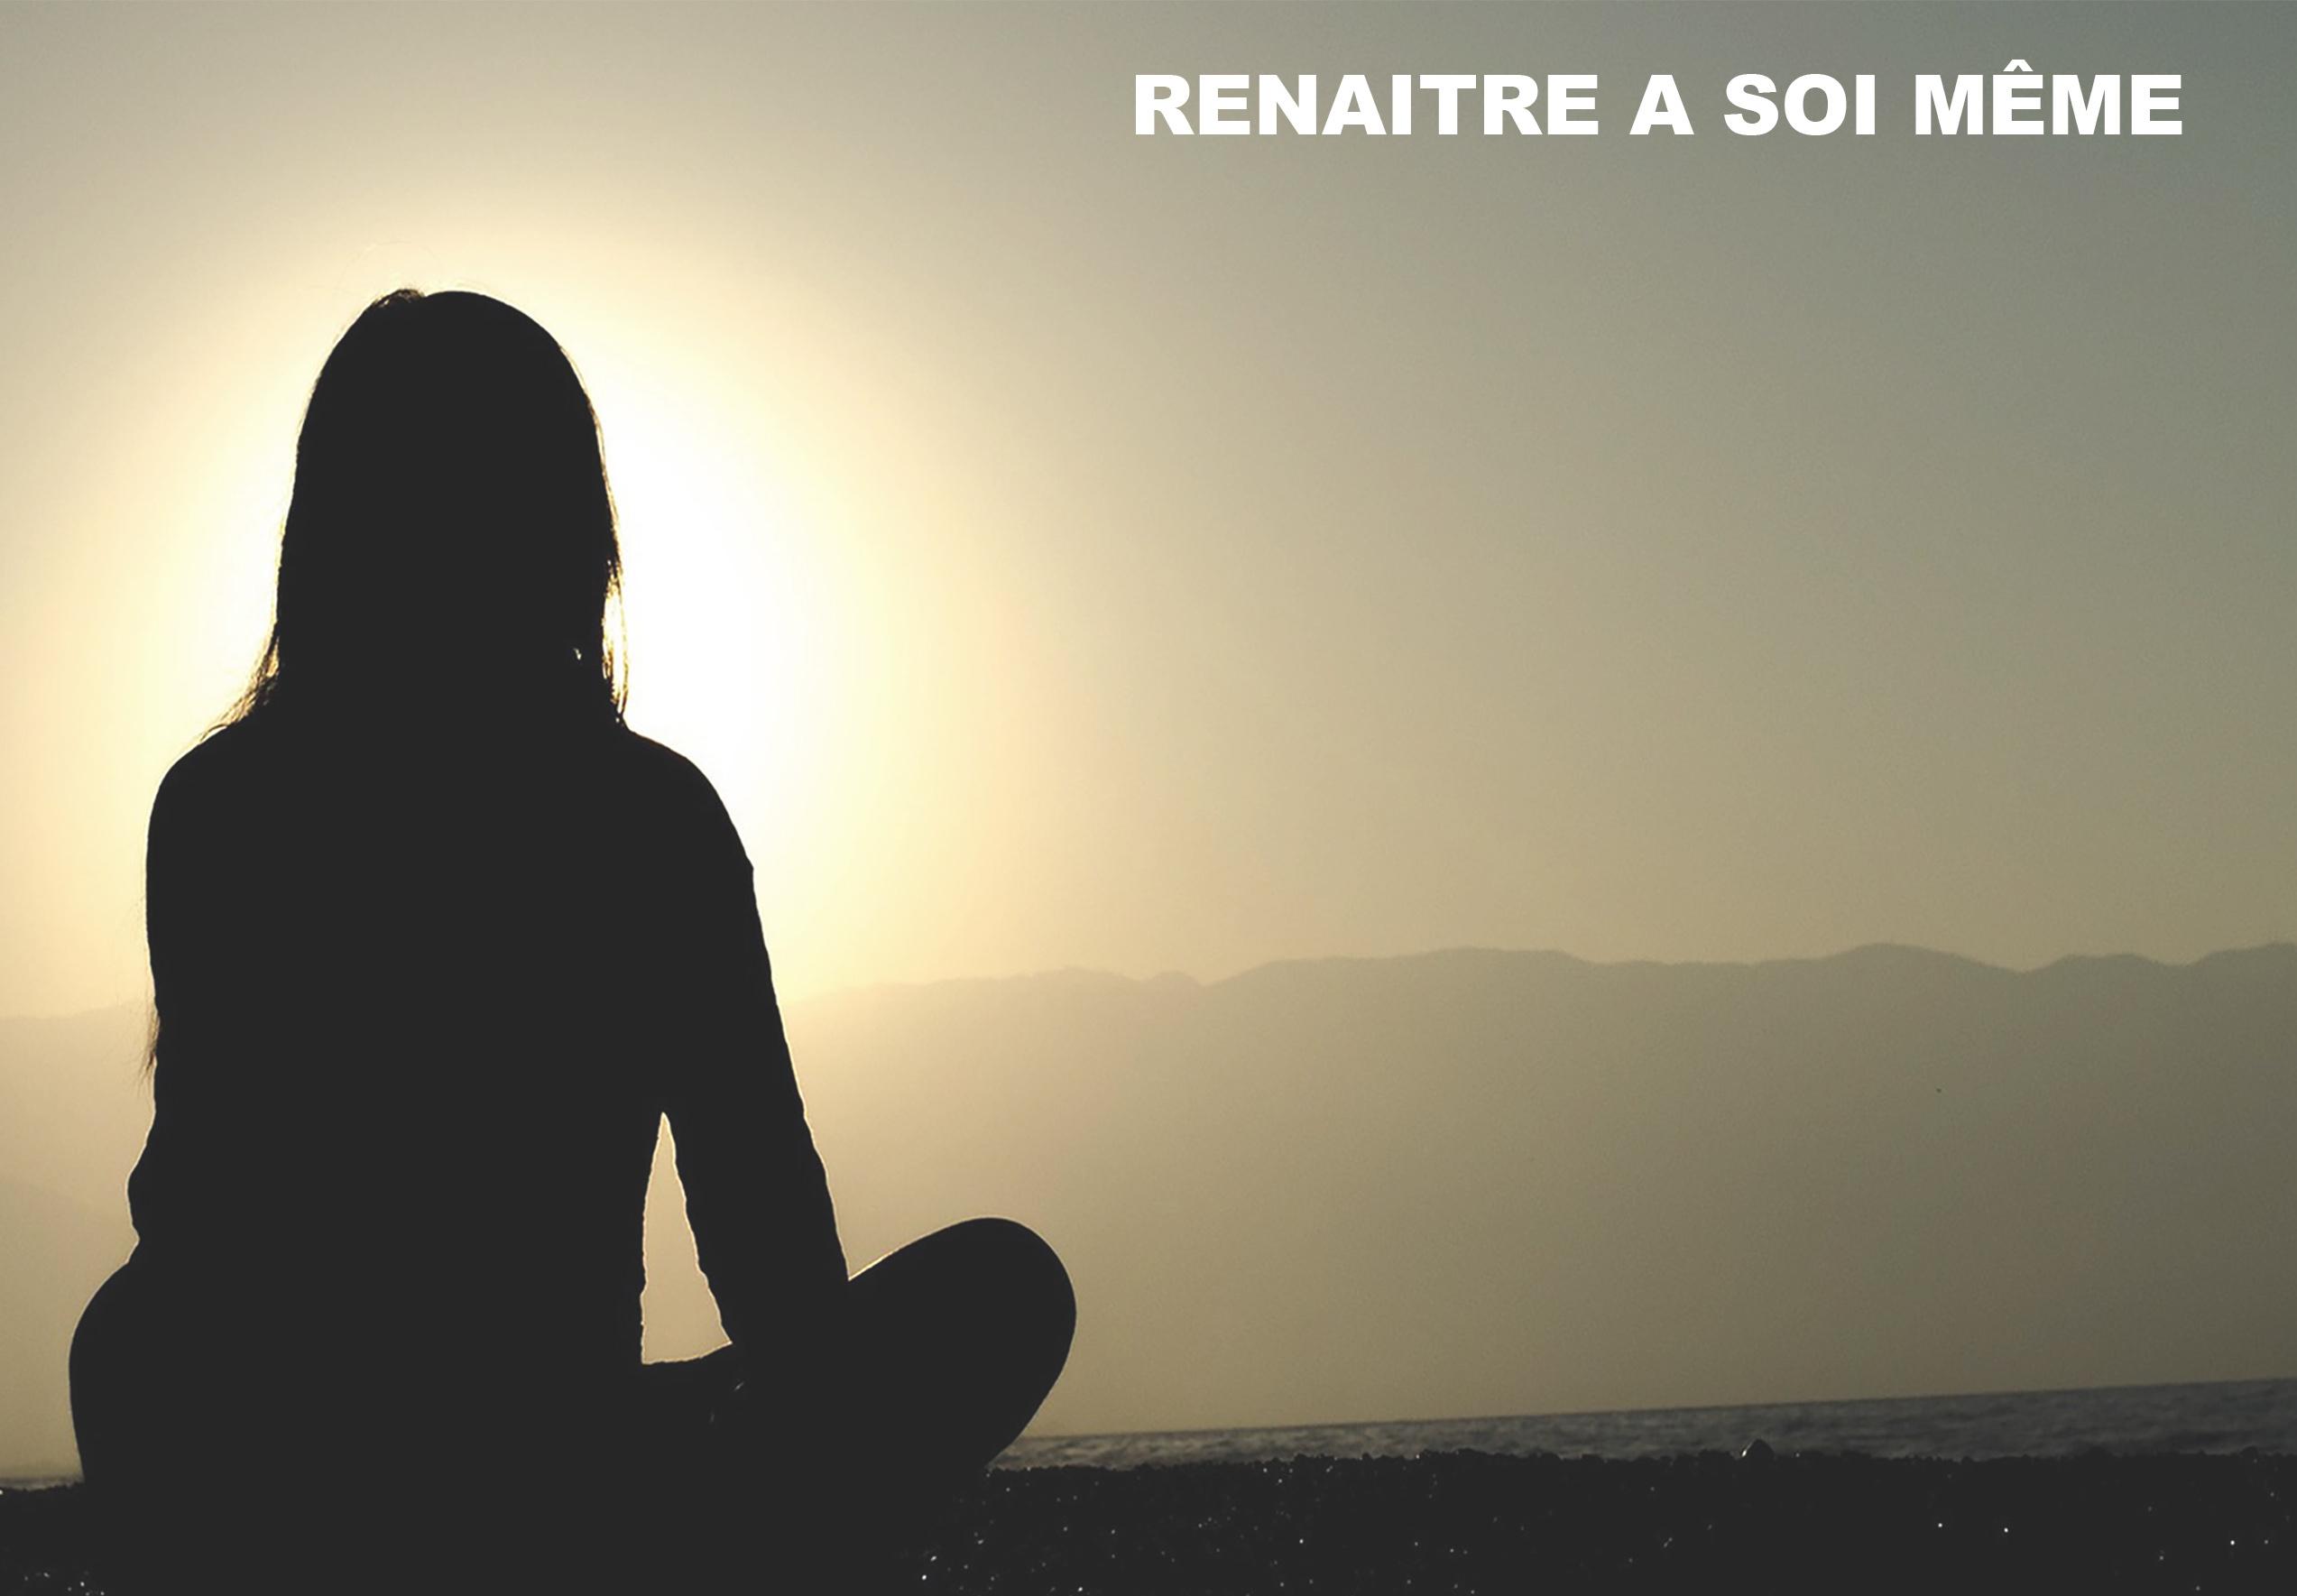 Stage de méditation Rhône-Alpes et Loire : un week-end samedi 5 et dimanche 6 mai 2018